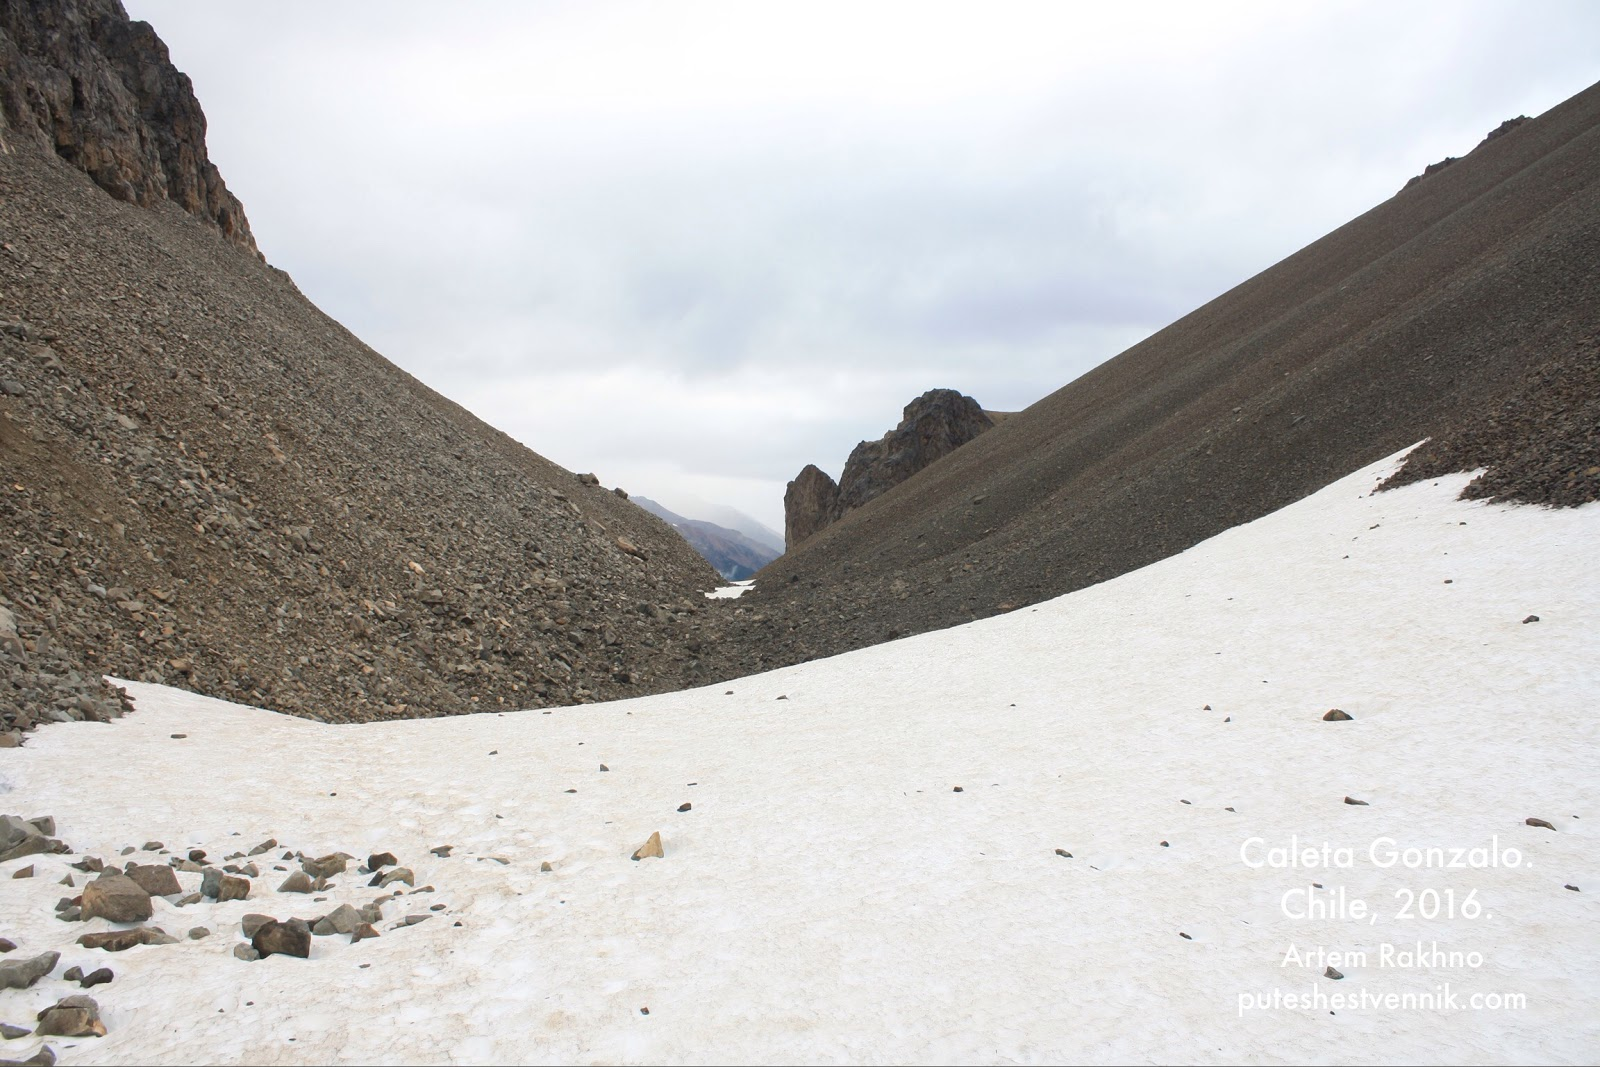 Снег и осыпь на перевале